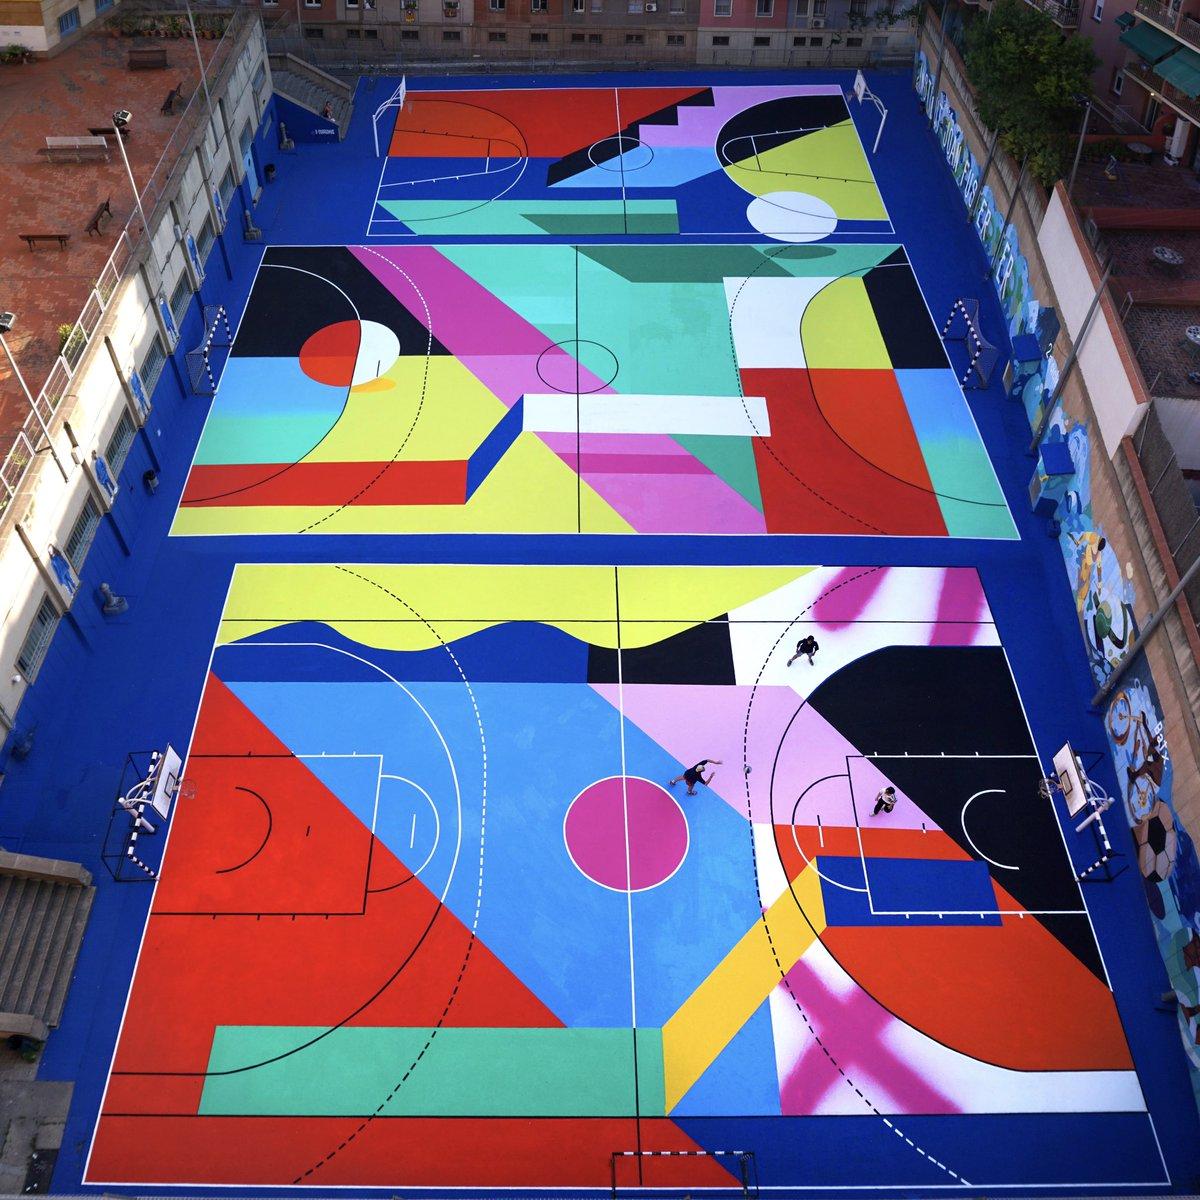 Arte urbano como herramienta de cambio. Y el cambio en el barrio de La Sagrera (Barcelona) ya es una realidad. Cuatro meses demostrando en las calles y desde casa que el cambio es un deporte de equipo.   #adidasSuperstar  #ChangeIsATeamSport   https://t.co/pxpwvd5nNg https://t.co/xHZEkZrPe6